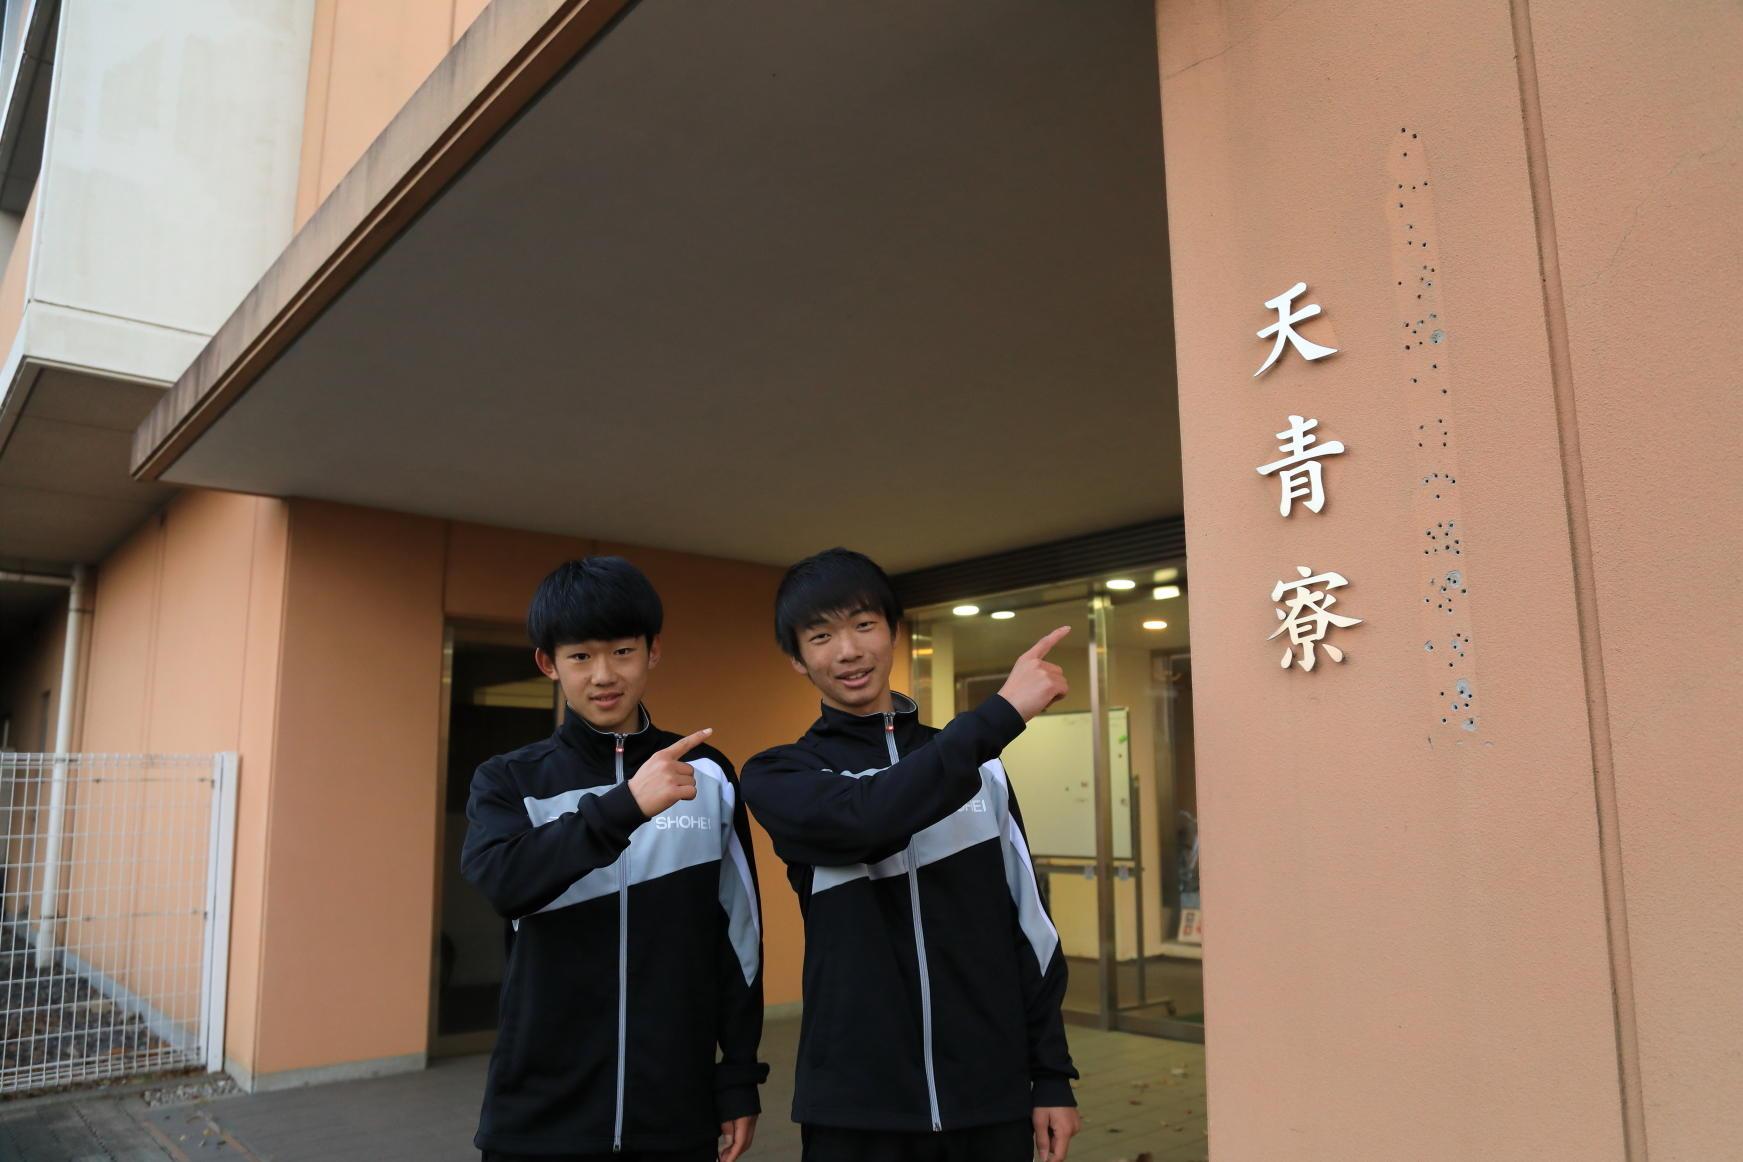 【昌平高校サッカー部の寮生活】寮母さんオススメの具だくさんのお味噌汁がチカラの源!